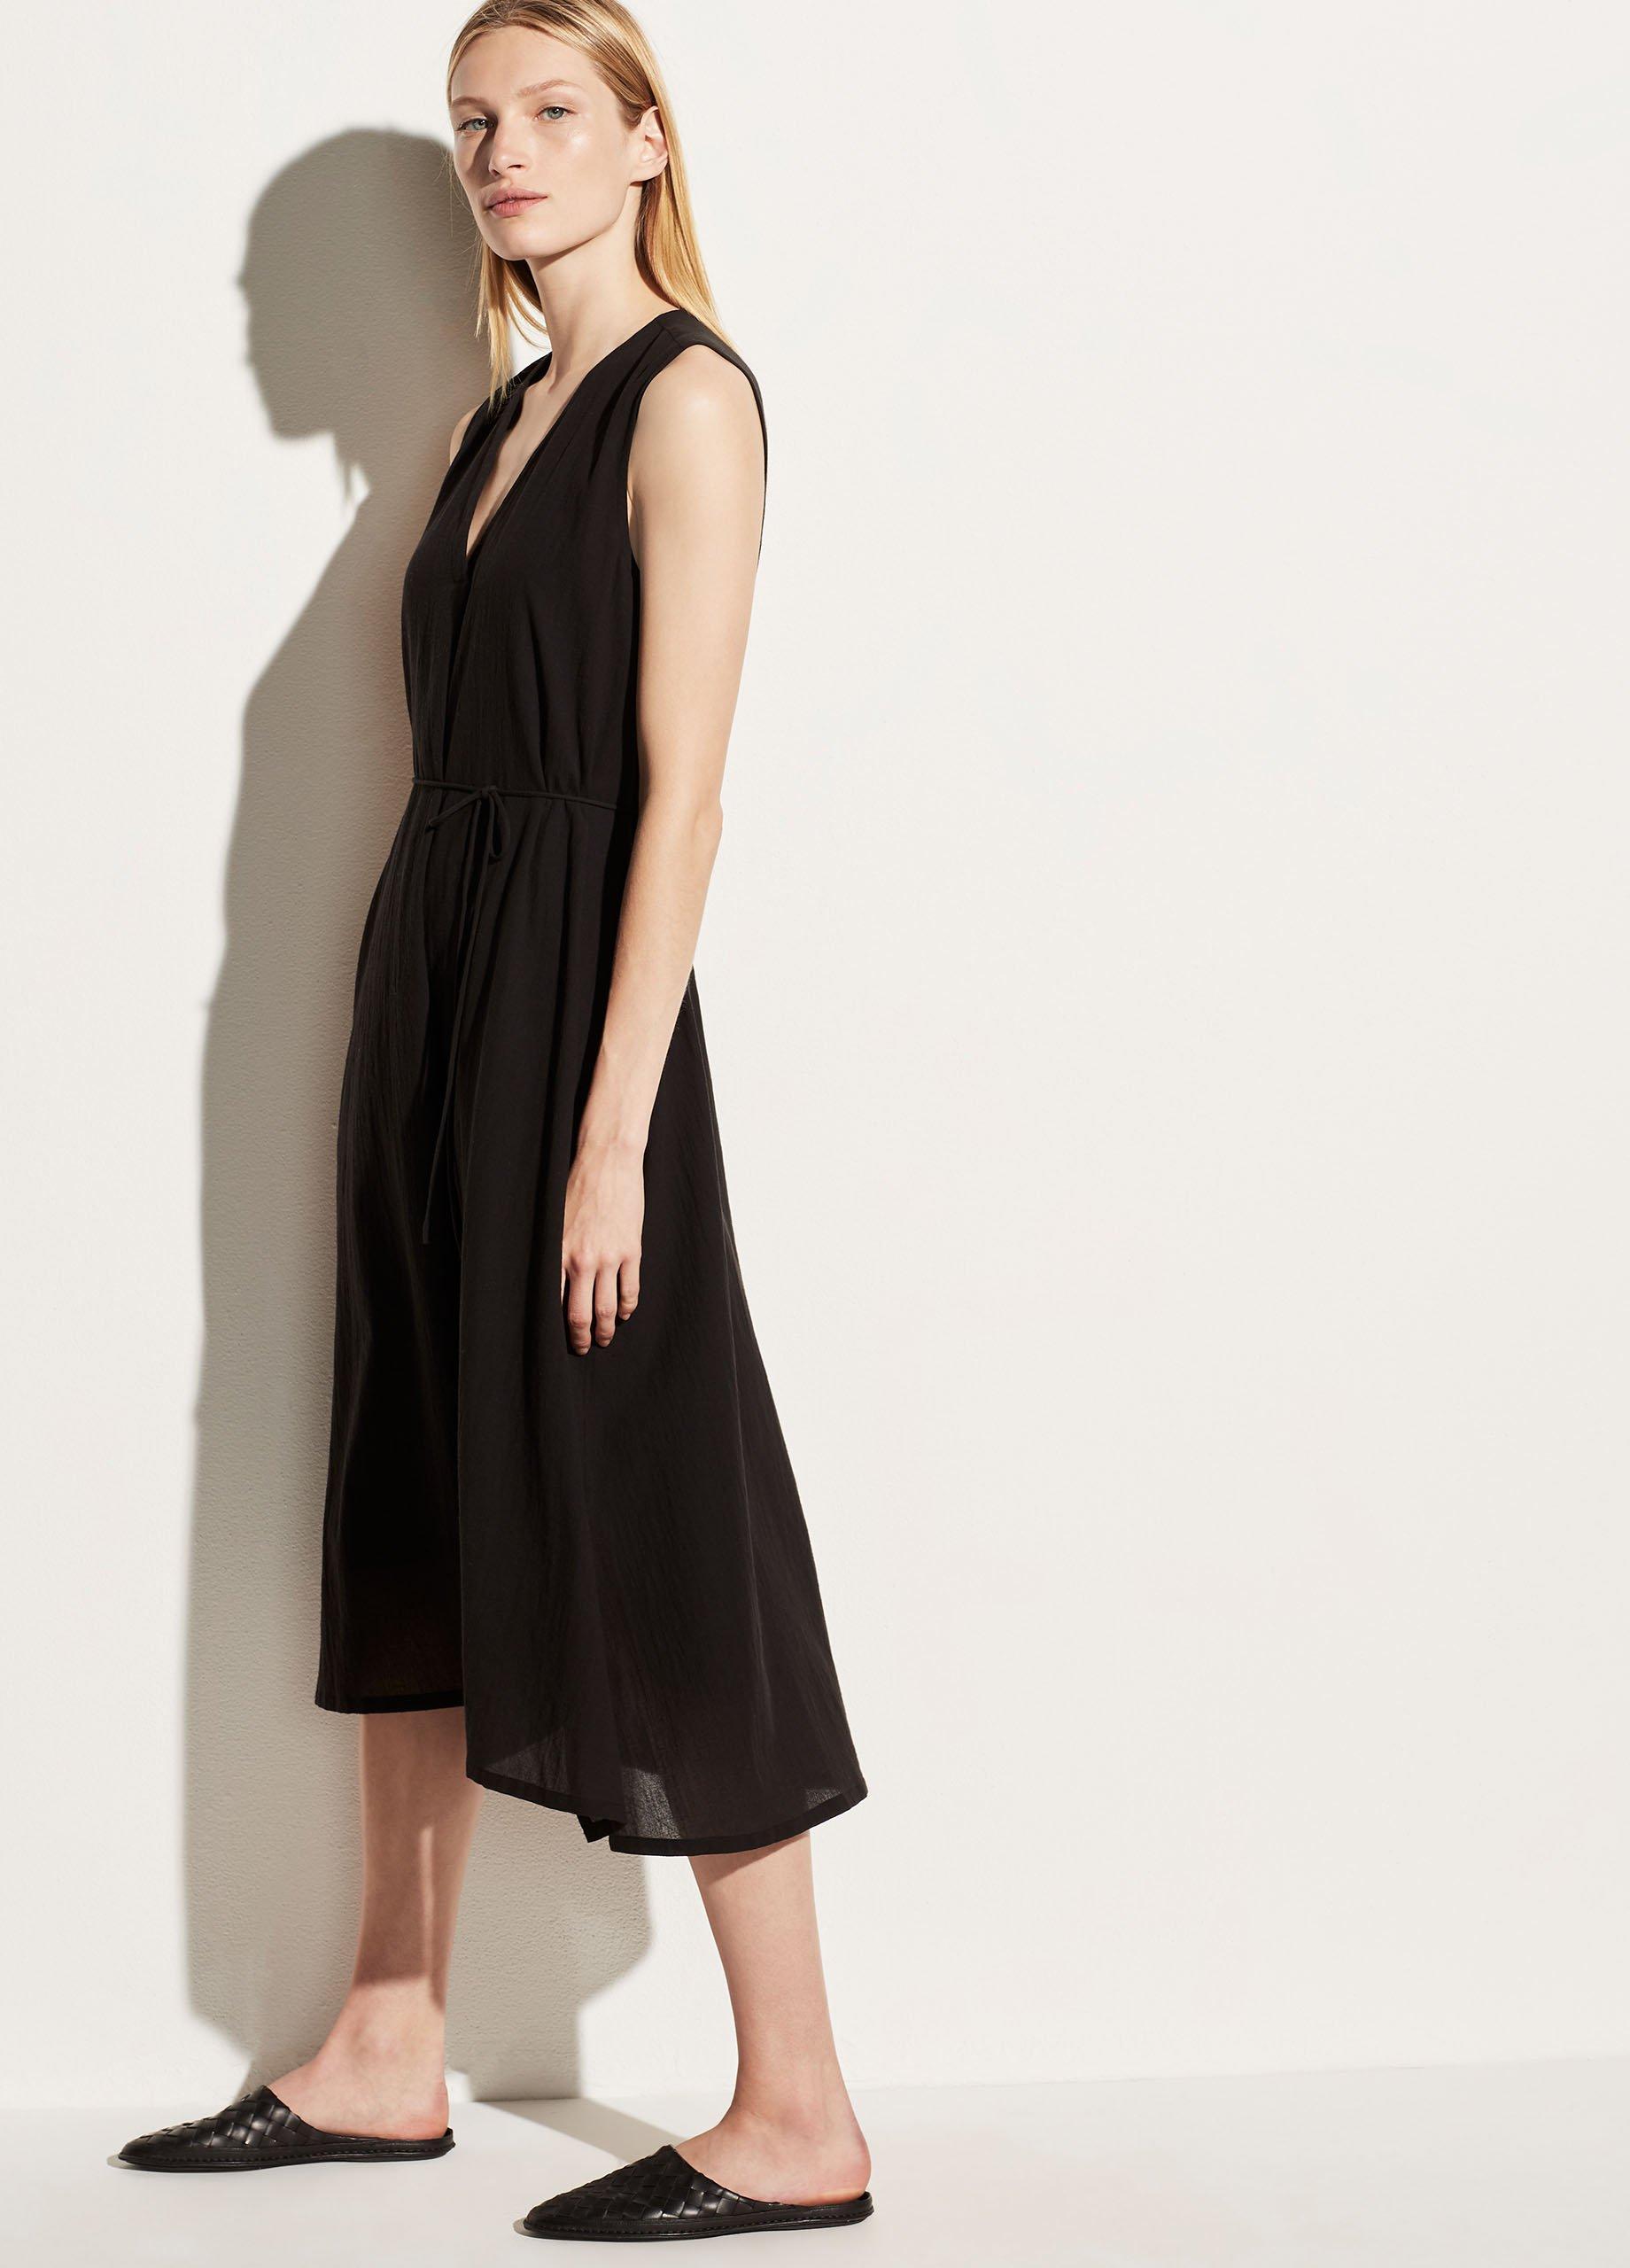 Lightweight Sleeveless Dress